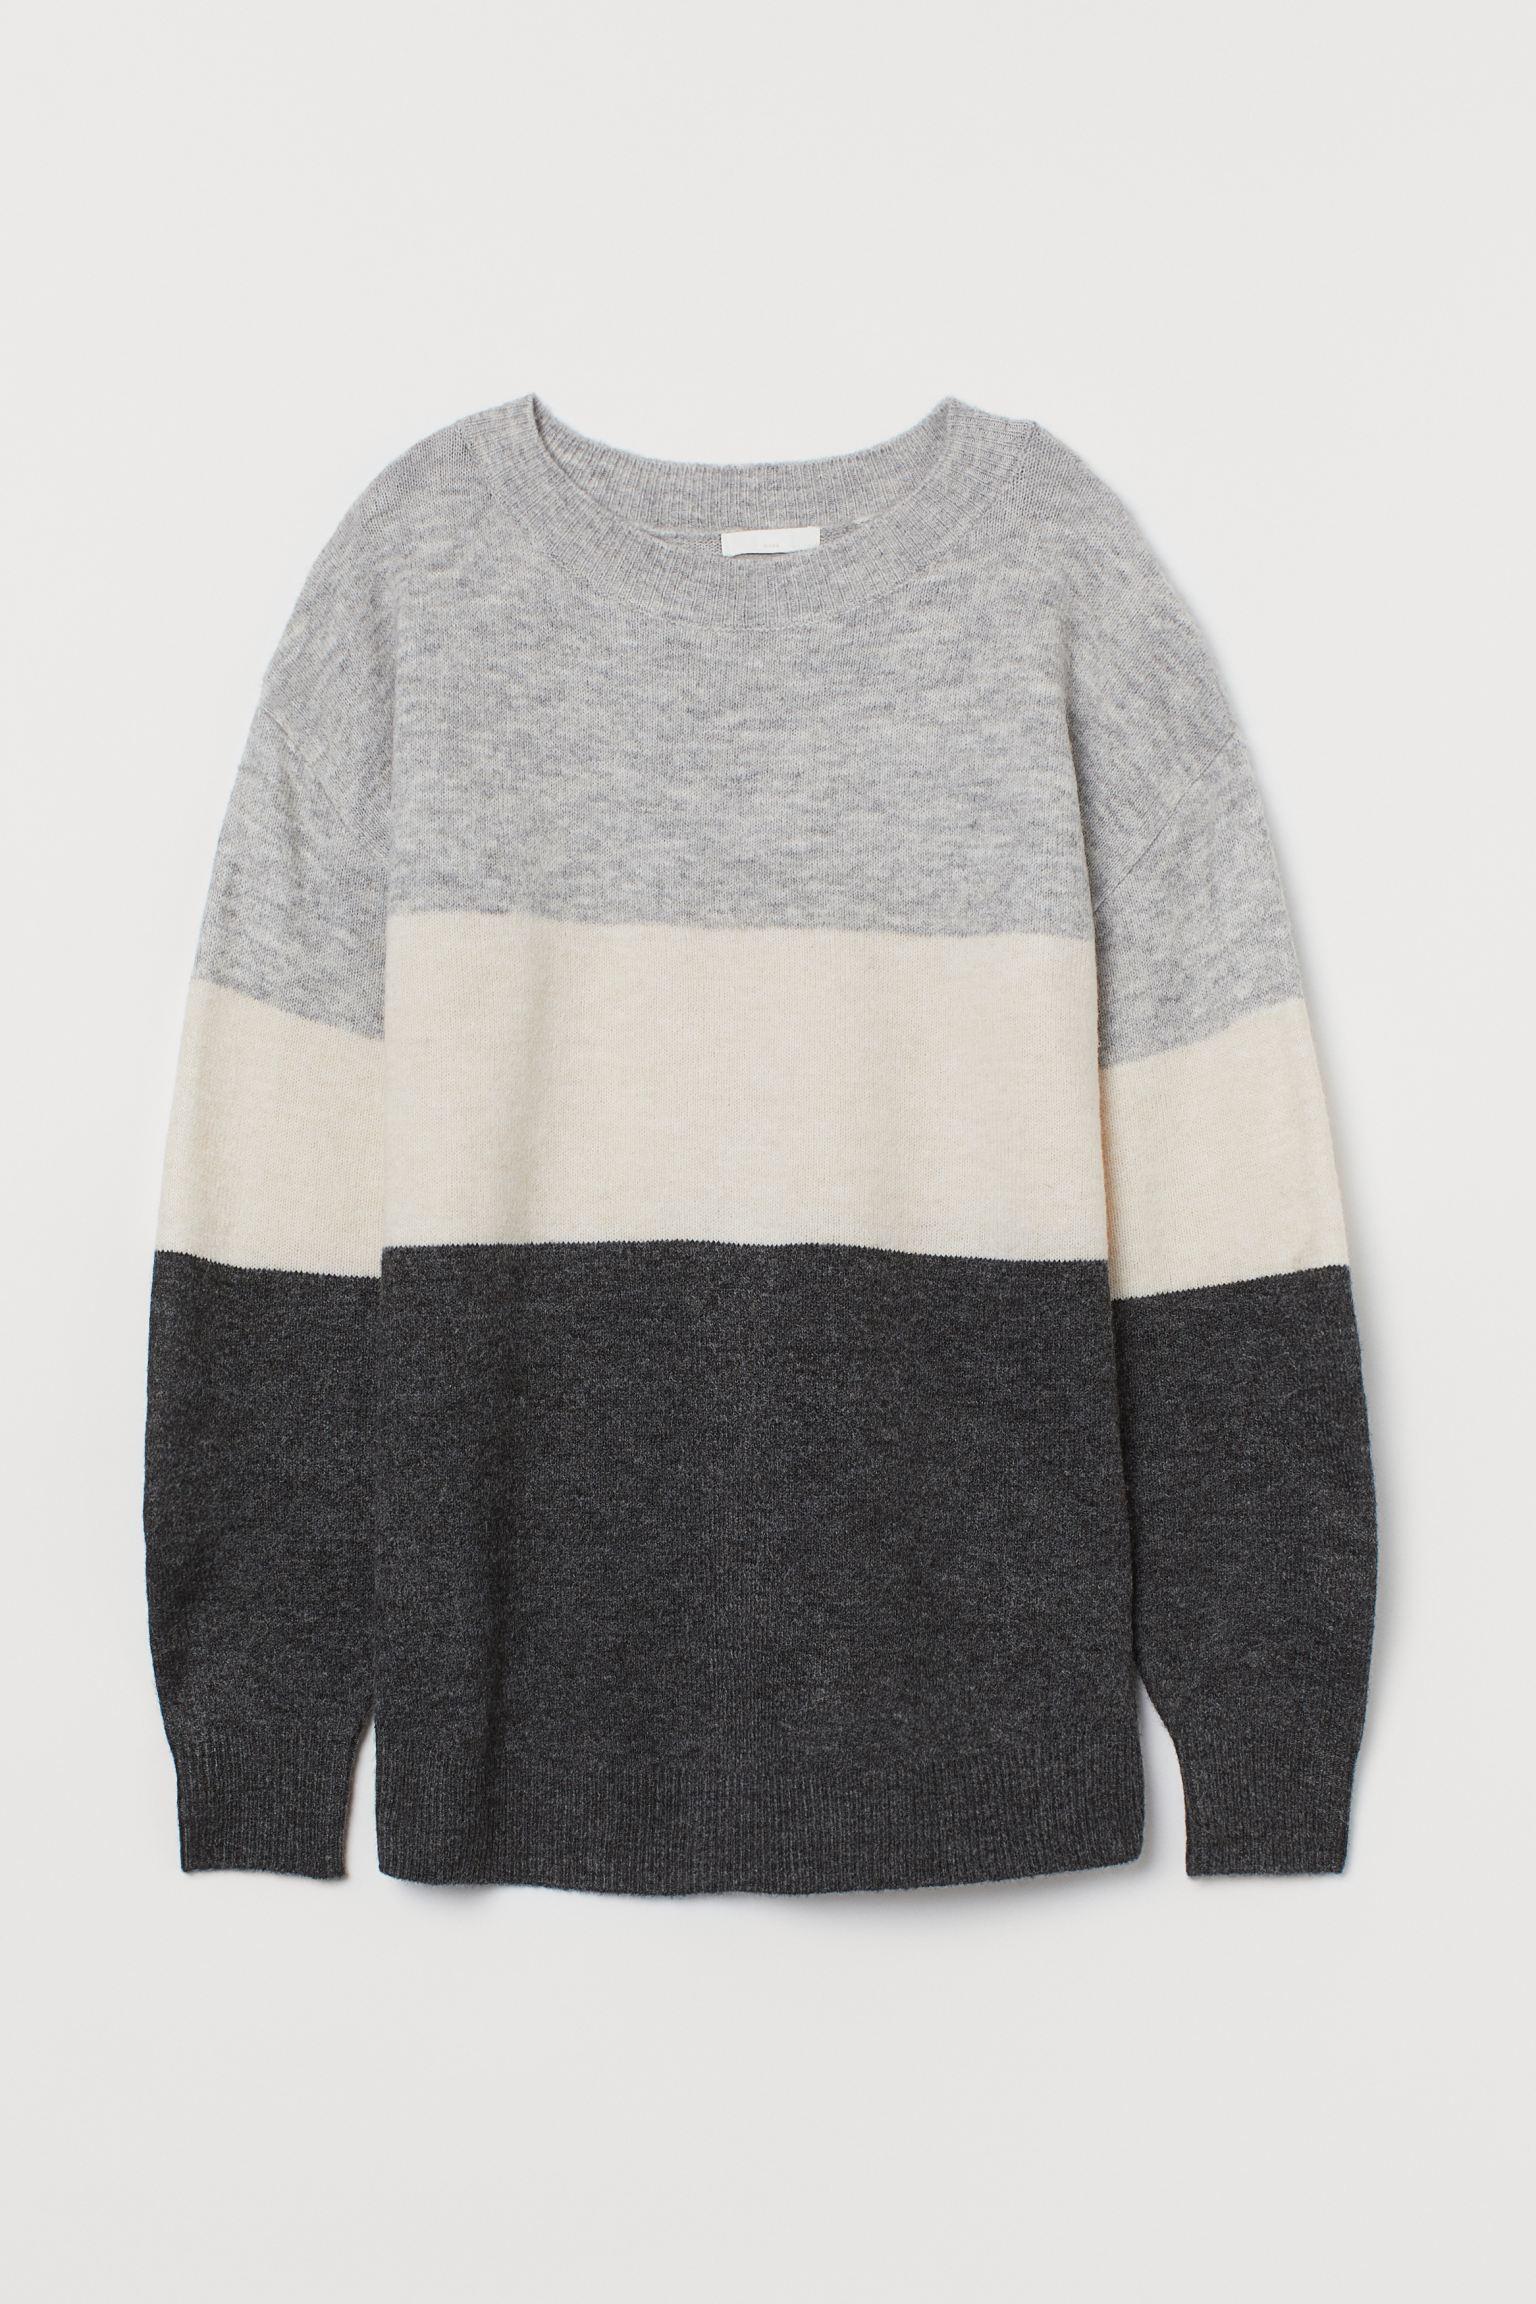 Jersey en punto fino suave con lana en la trama. Modelo de corte relajado con hombros caídos y remate de canalé en cuello, puños y bajo.